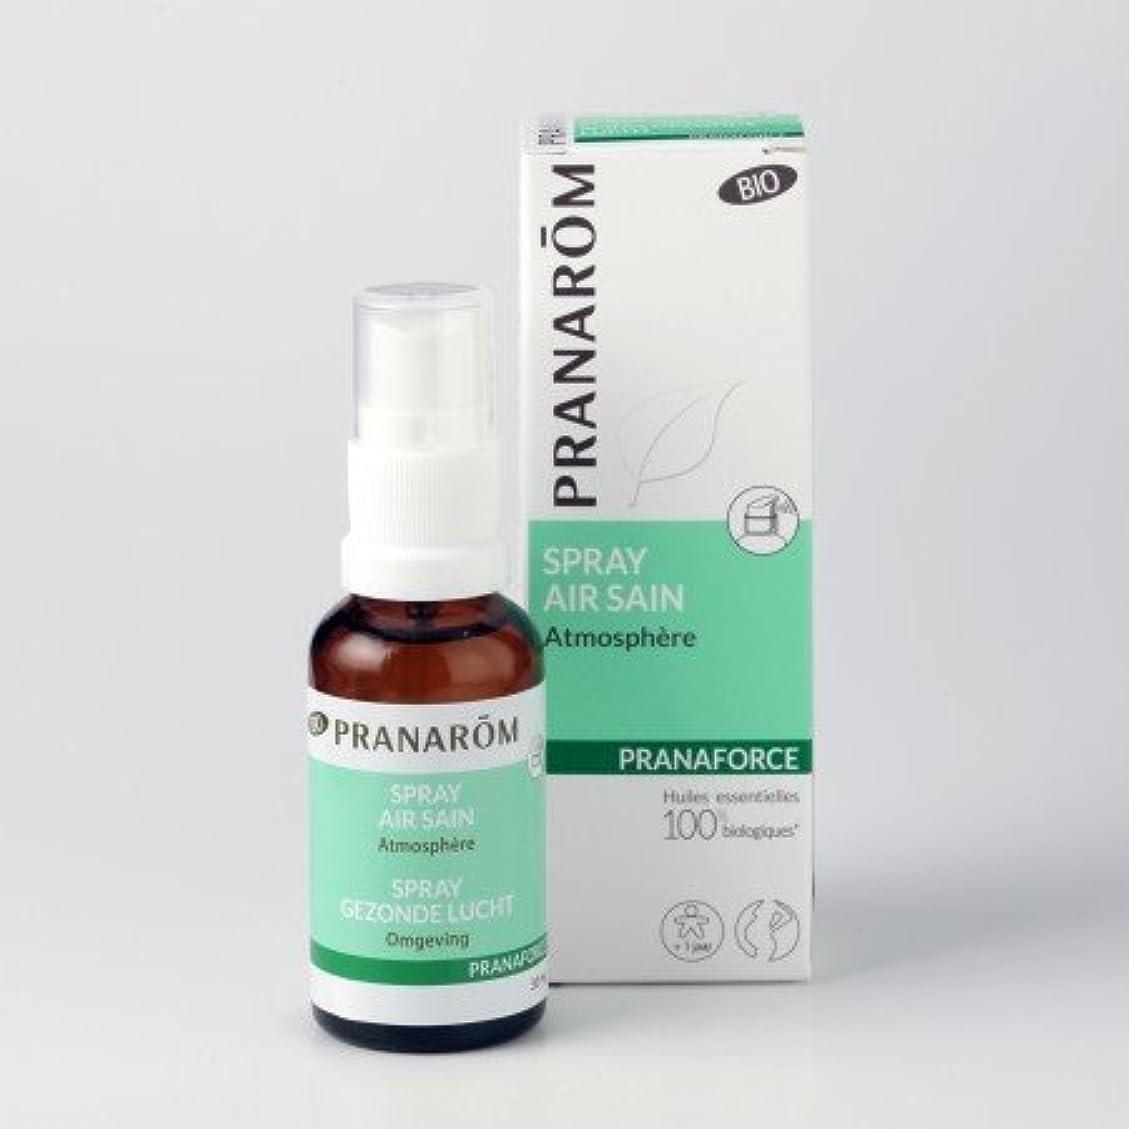 大騒ぎ製品休眠プラナロム (PRANAROM) ルームコロン プラナフォース?スプレー 30ml 02601 エアフレッシュナー (芳香剤)